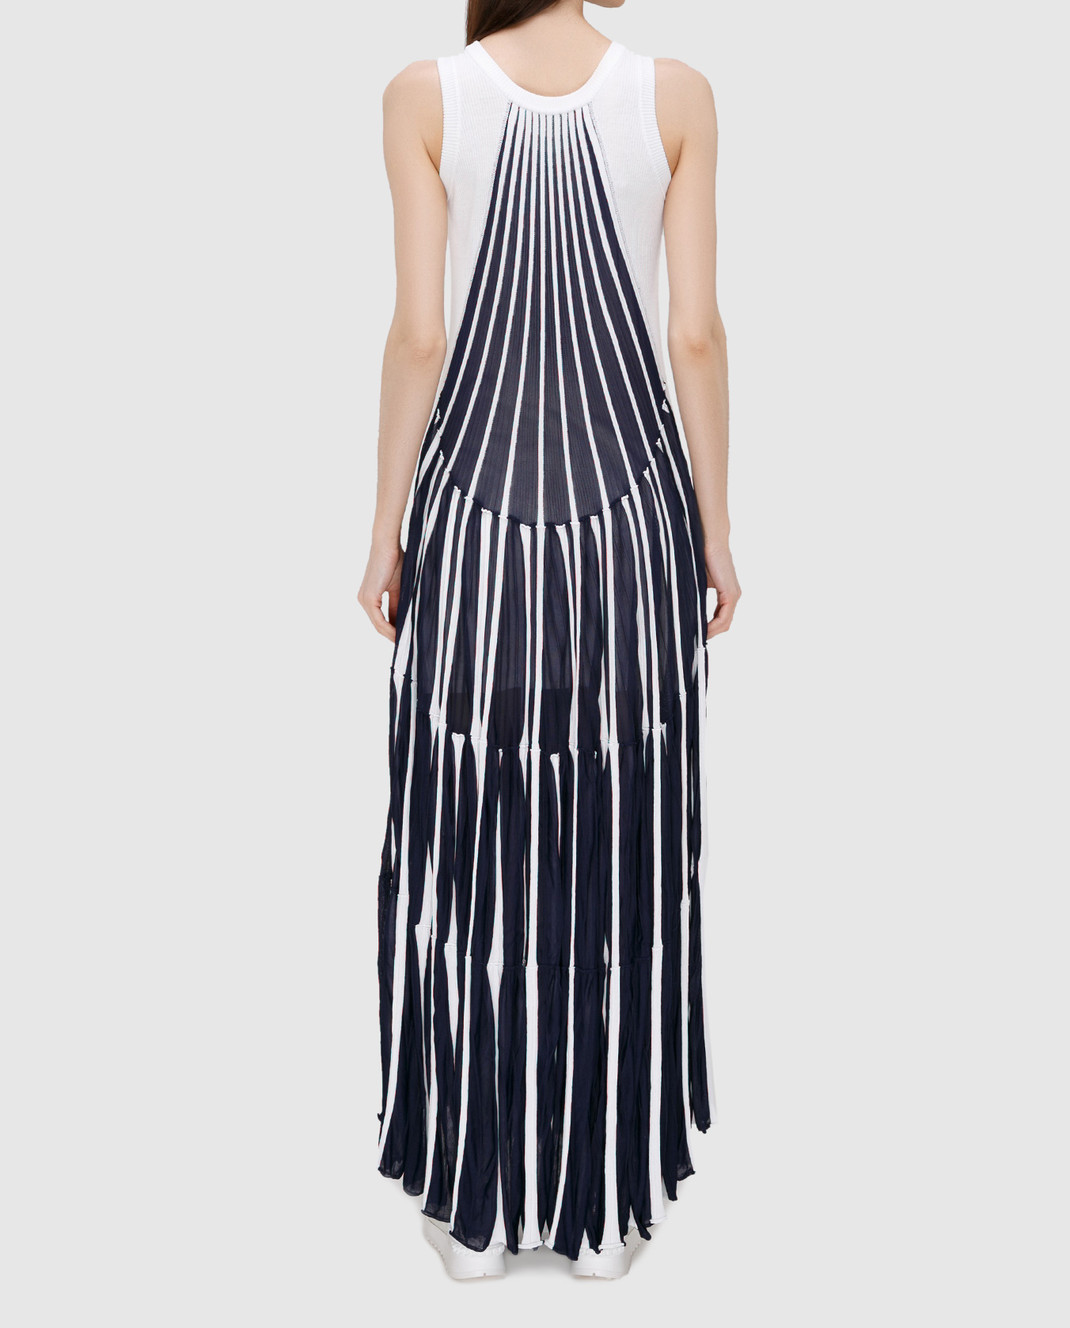 Chloe Синее платье изображение 4